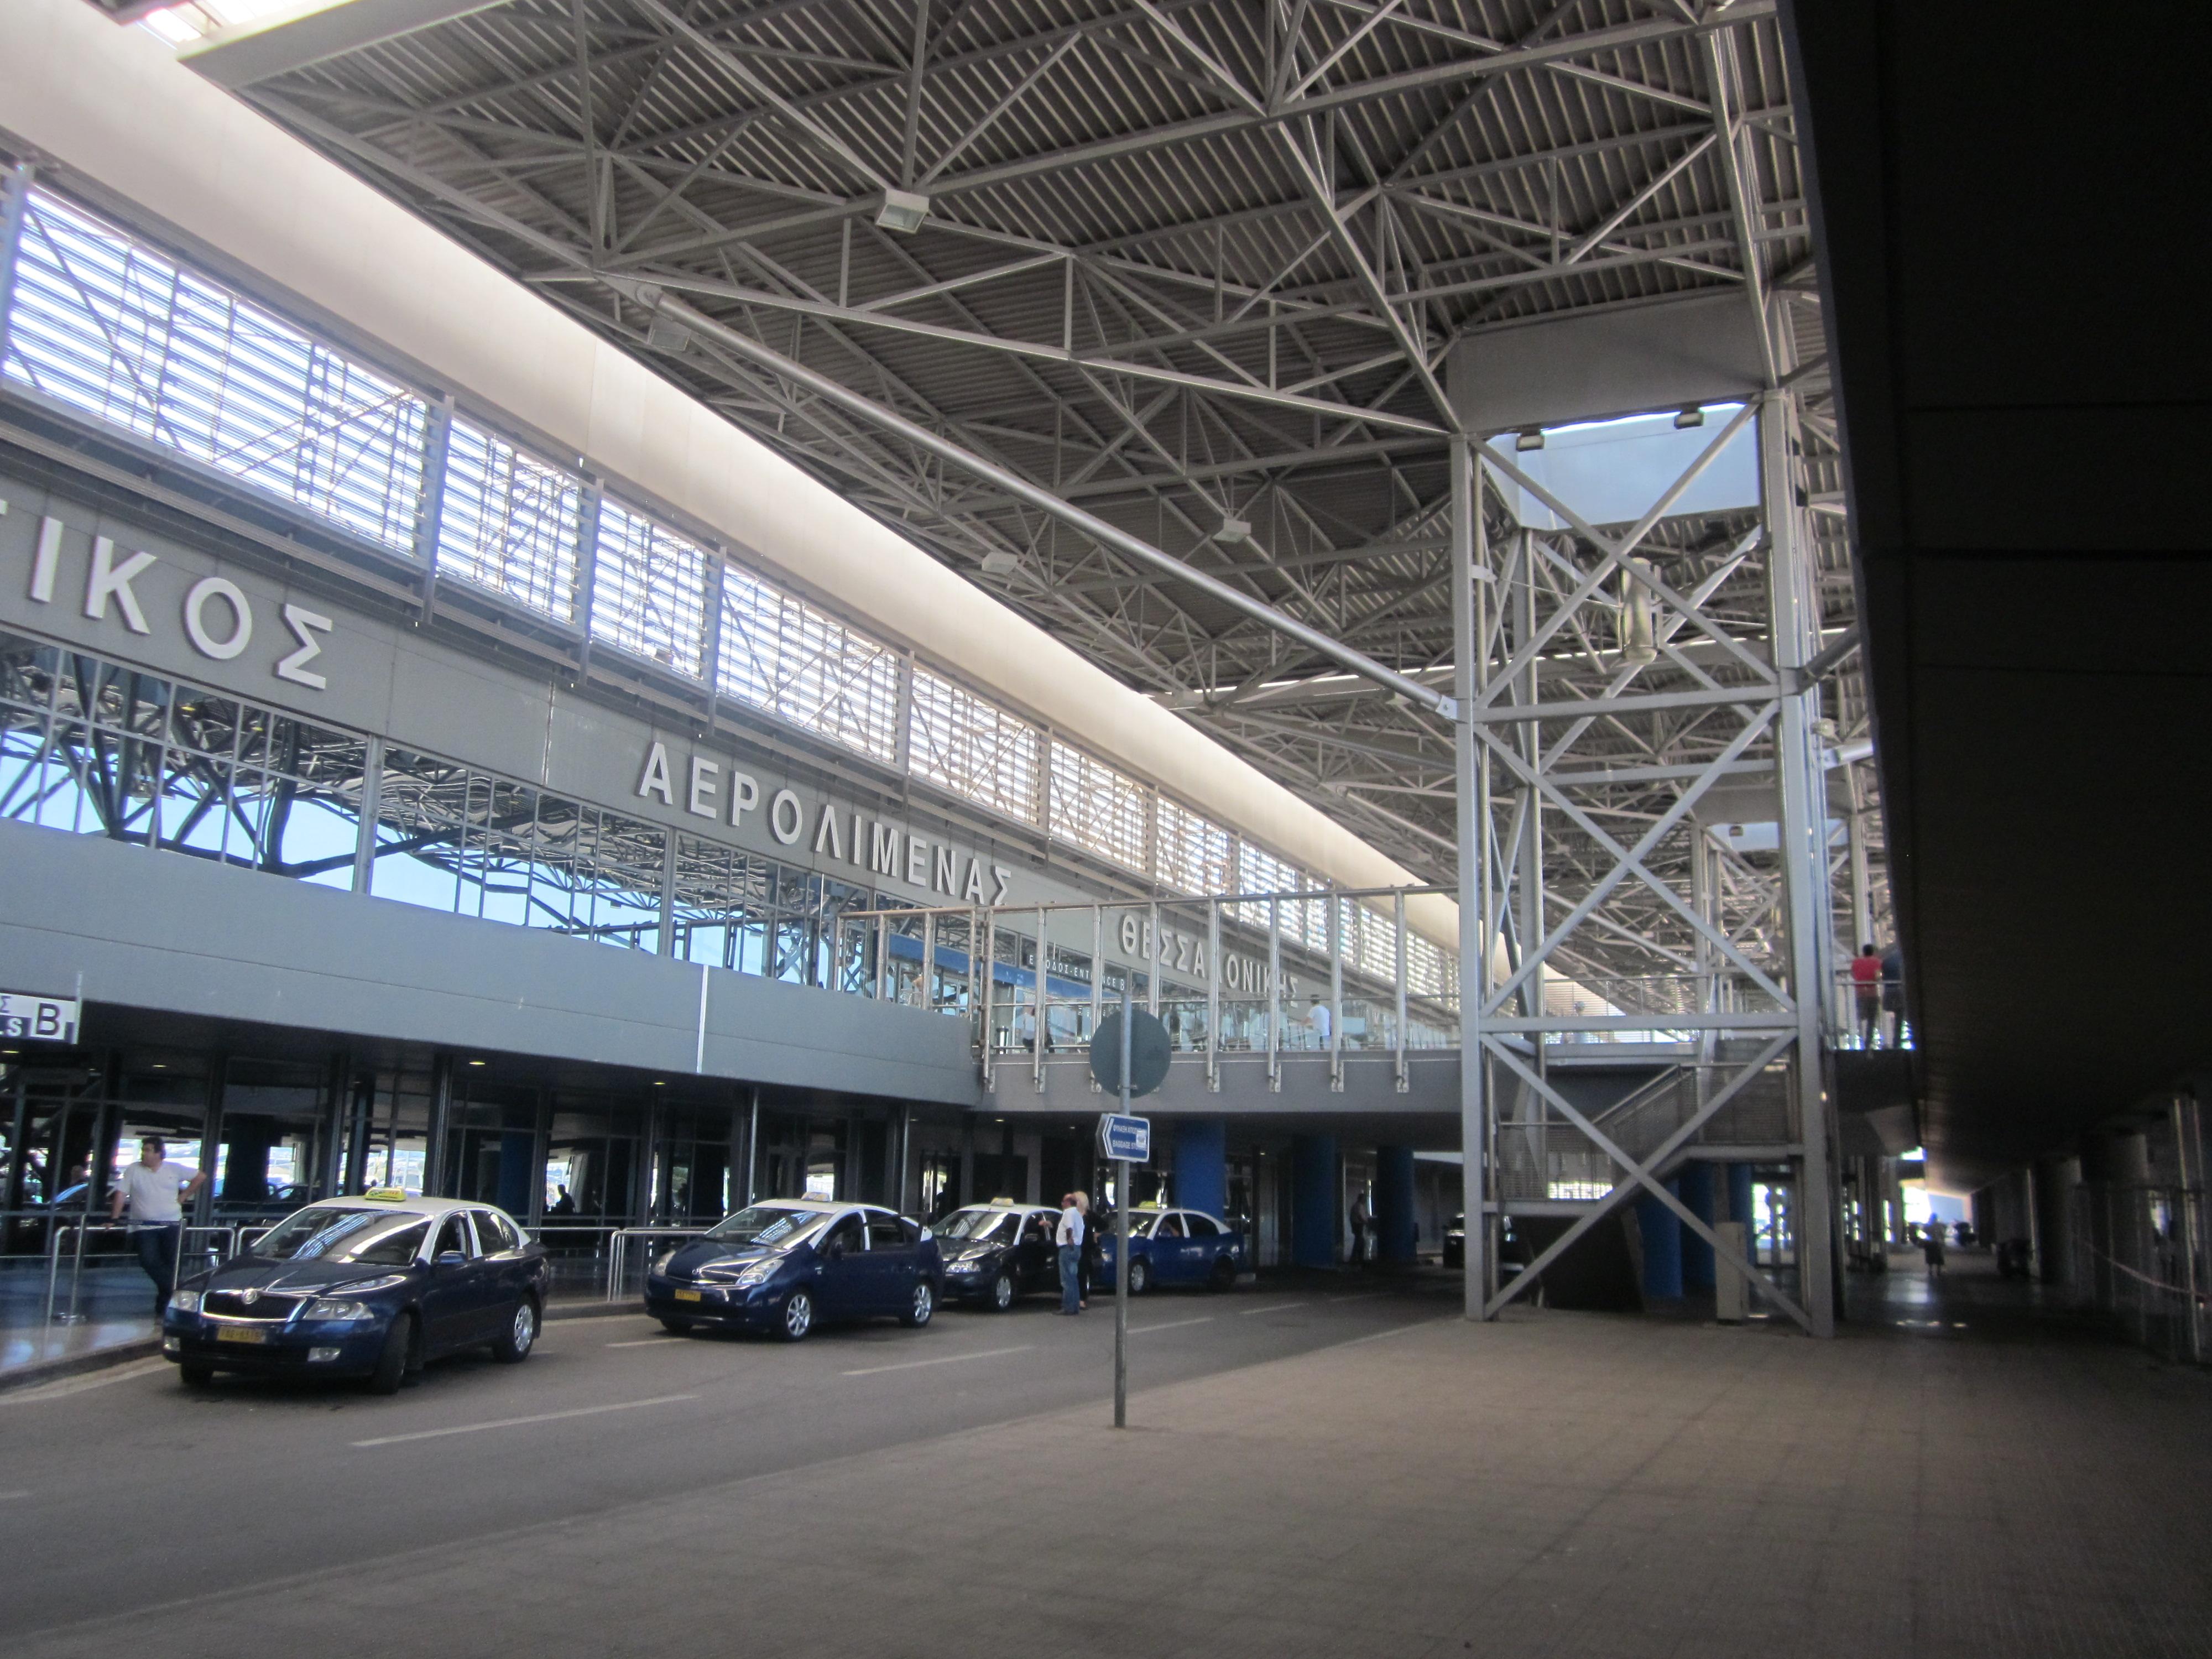 Flo Airport Car Rental